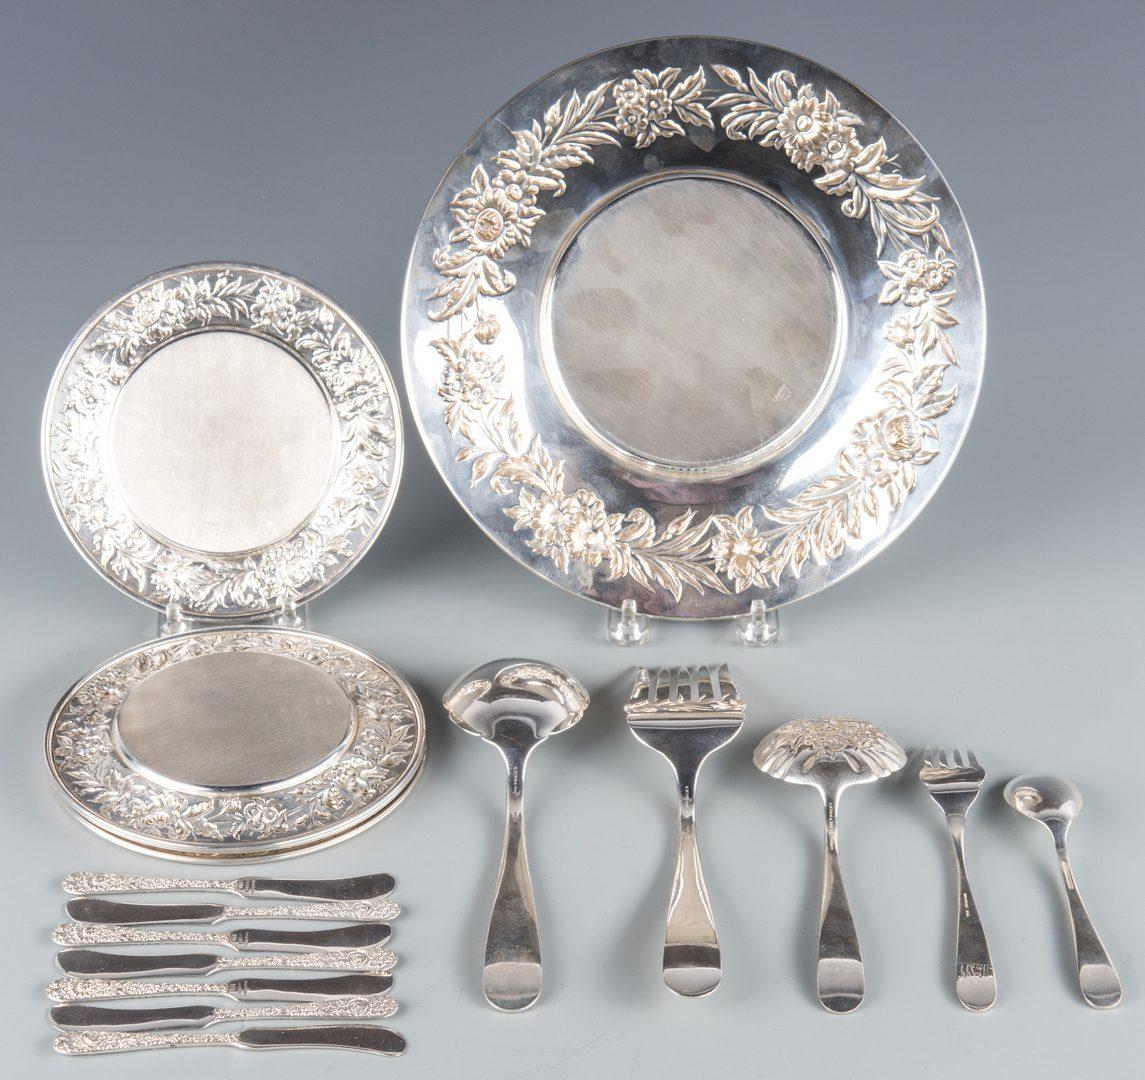 Lot 376: Kirk Repousse Sterling Plates, Flatware, 17 pcs